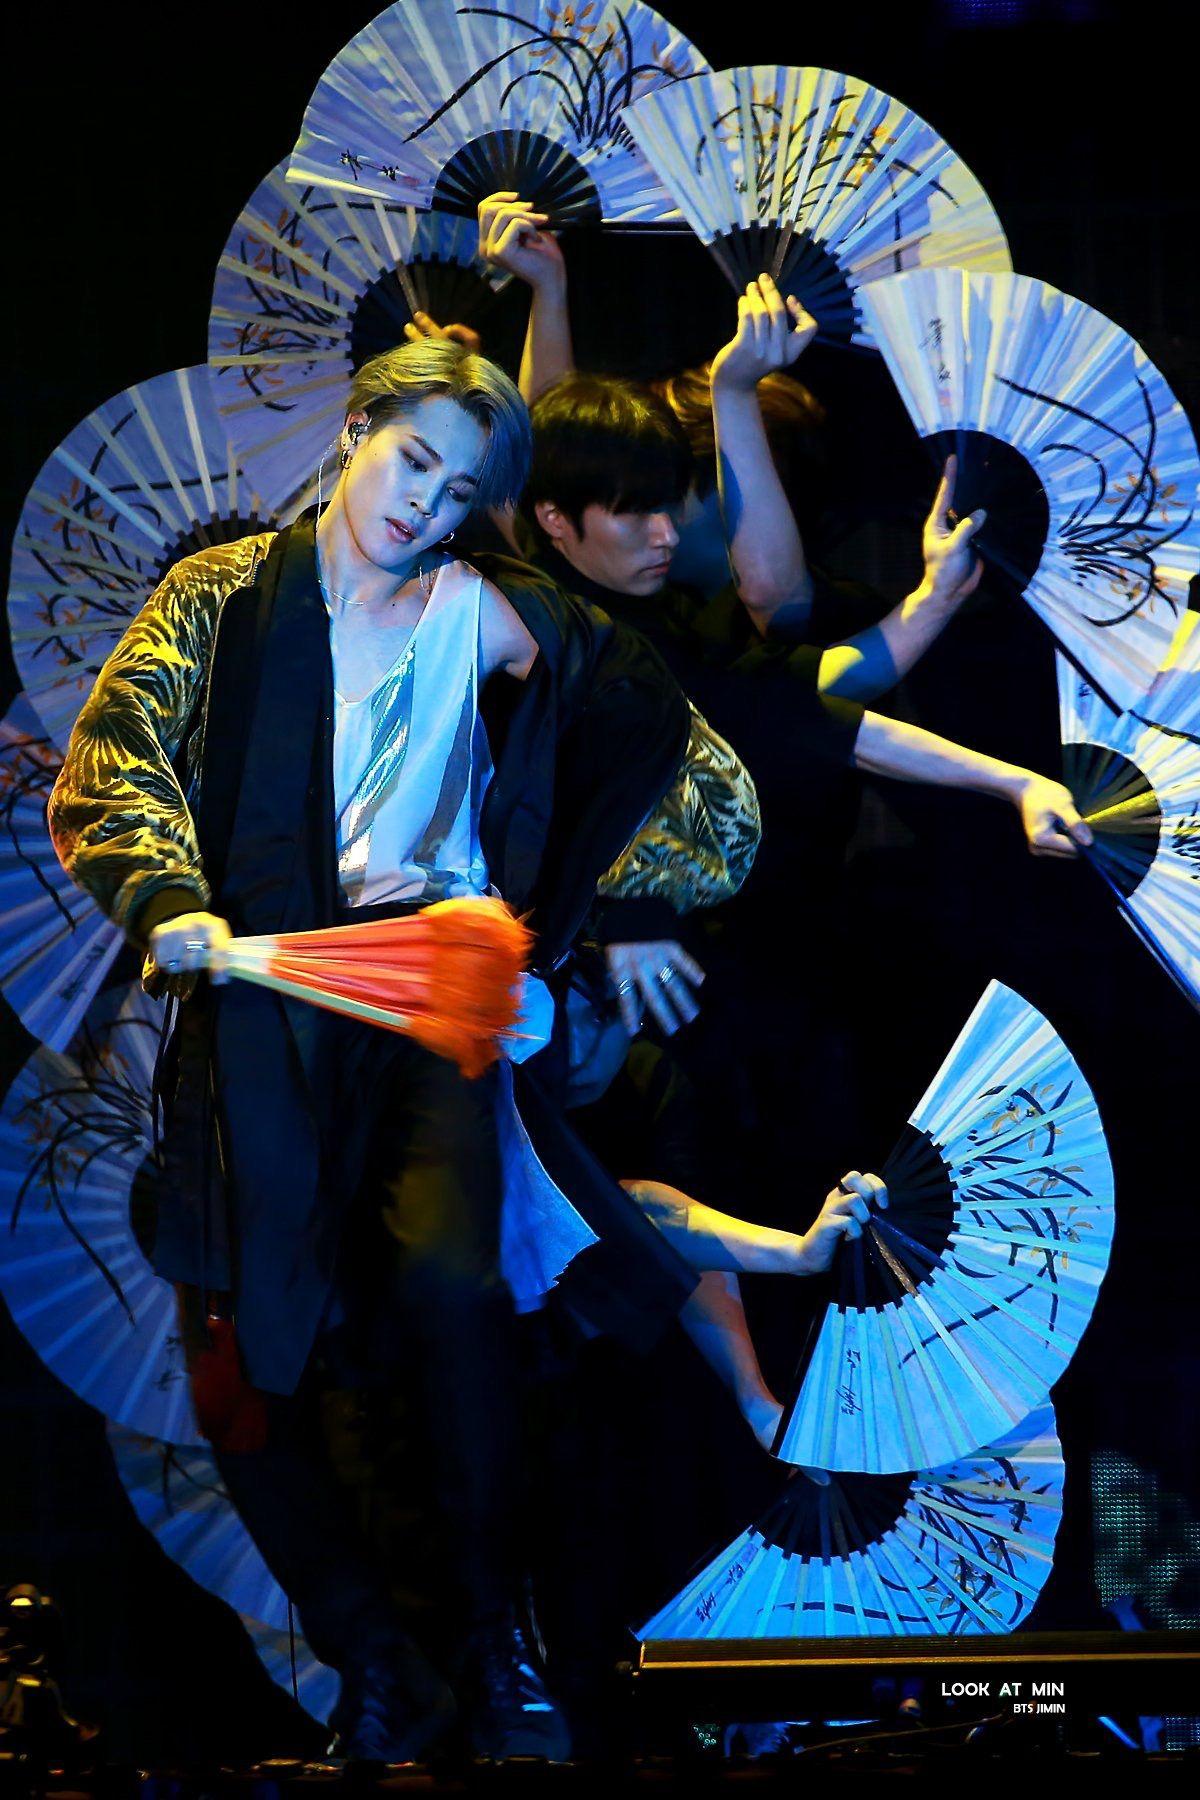 Jimin Melon Music Awards 181201 Bts Idol Bts Jimin Park Jimin Park Jimin Bts